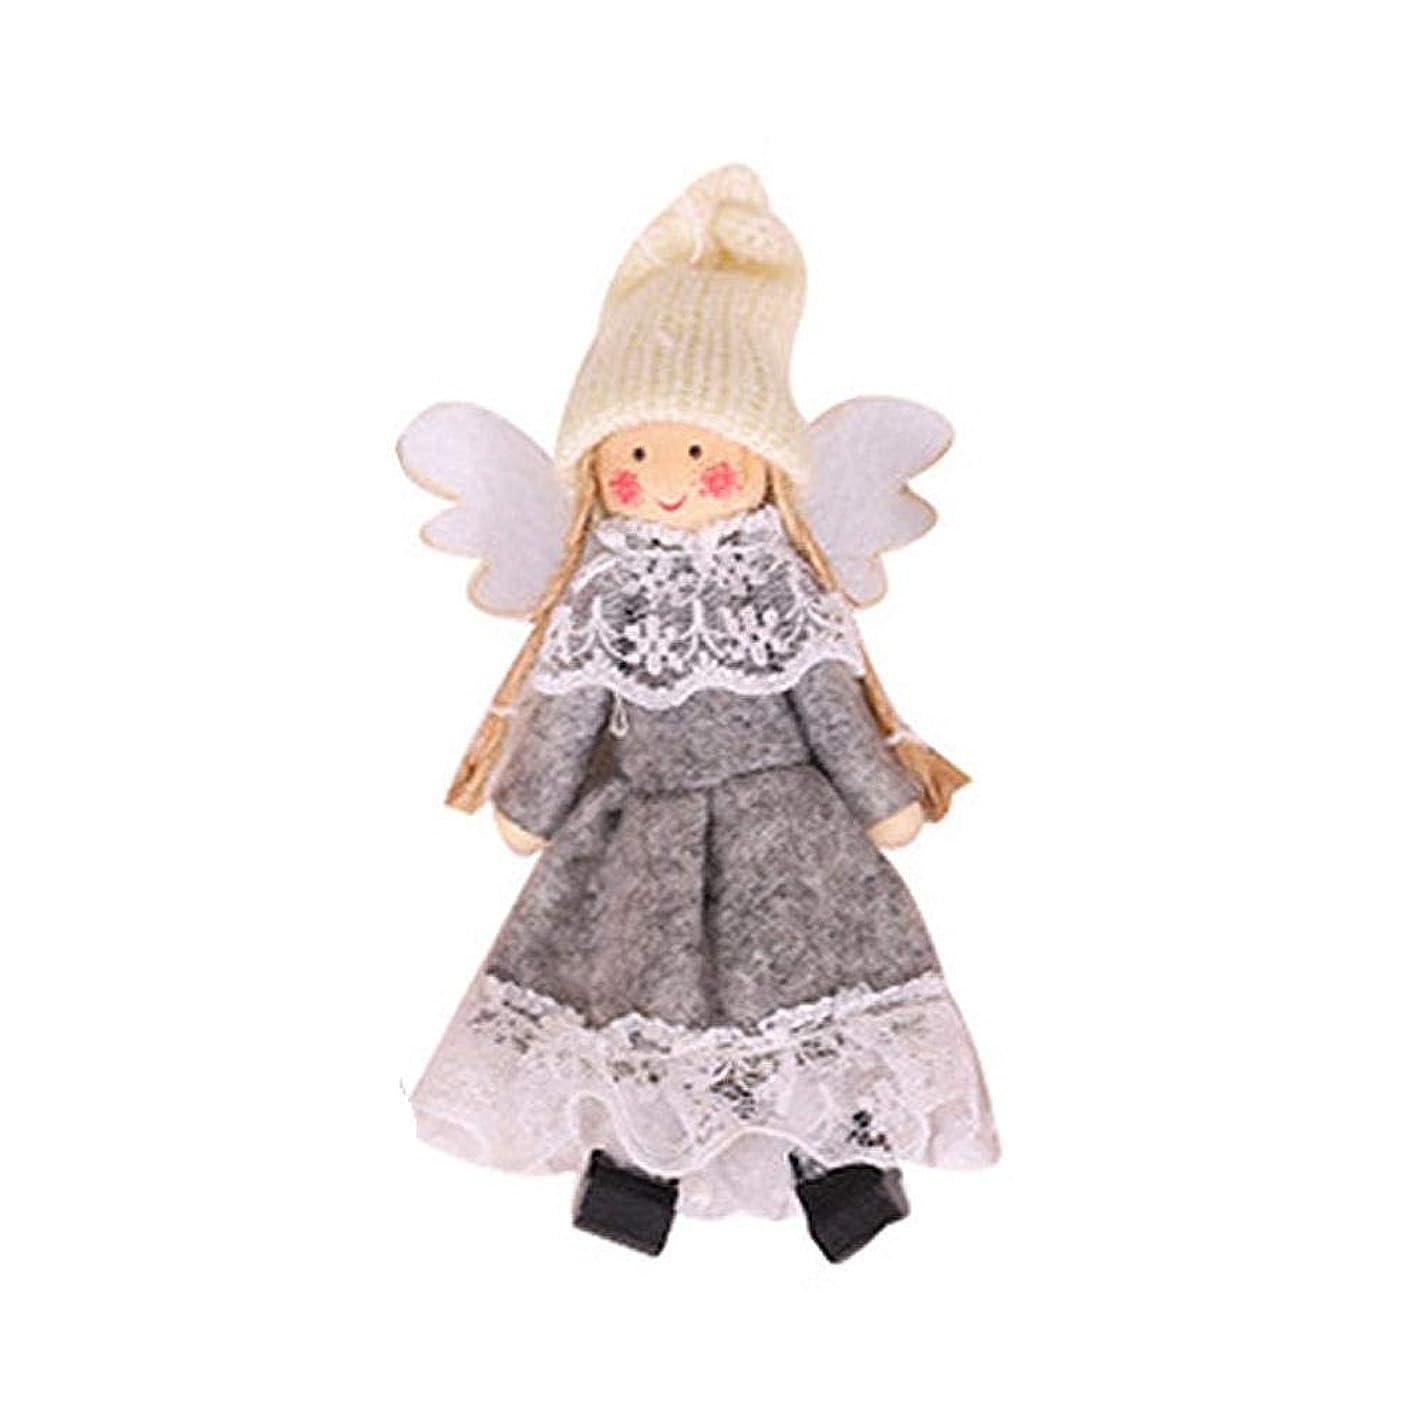 クリスマス人形 クリスマスツリーペンダント オーナメント クリスマス飾り 掛け飾り かわいい おしゃれ 人形 プレゼント インテリア 4色選べる Styleshow